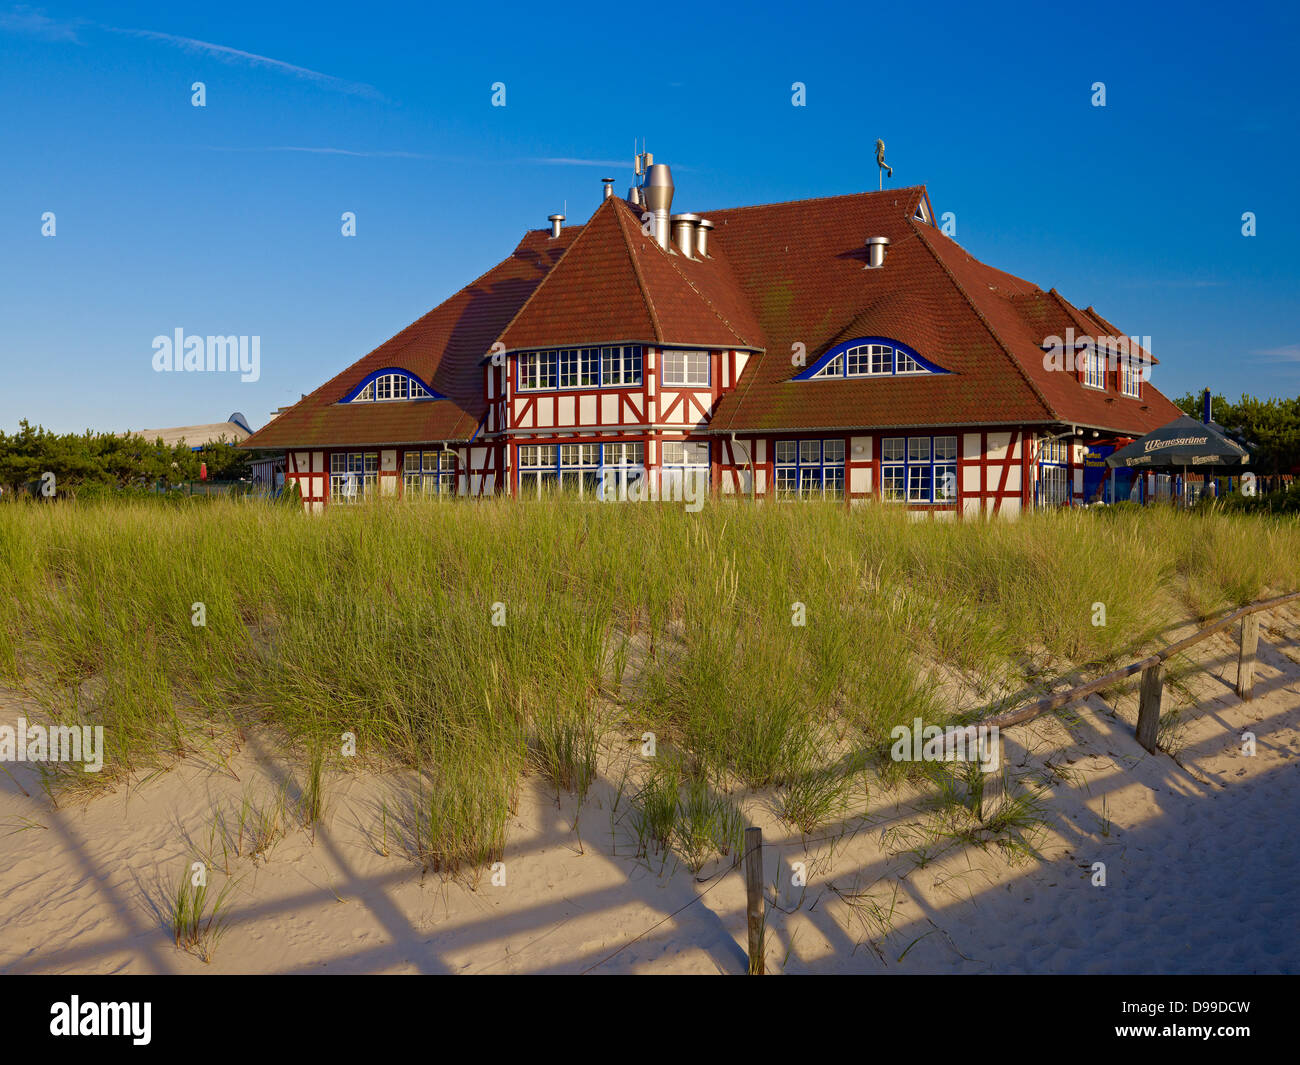 Ancien Kurhaus, Zingst Fischland-Darss-Zingst, Mecklembourg-Poméranie-Occidentale, Allemagne Banque D'Images